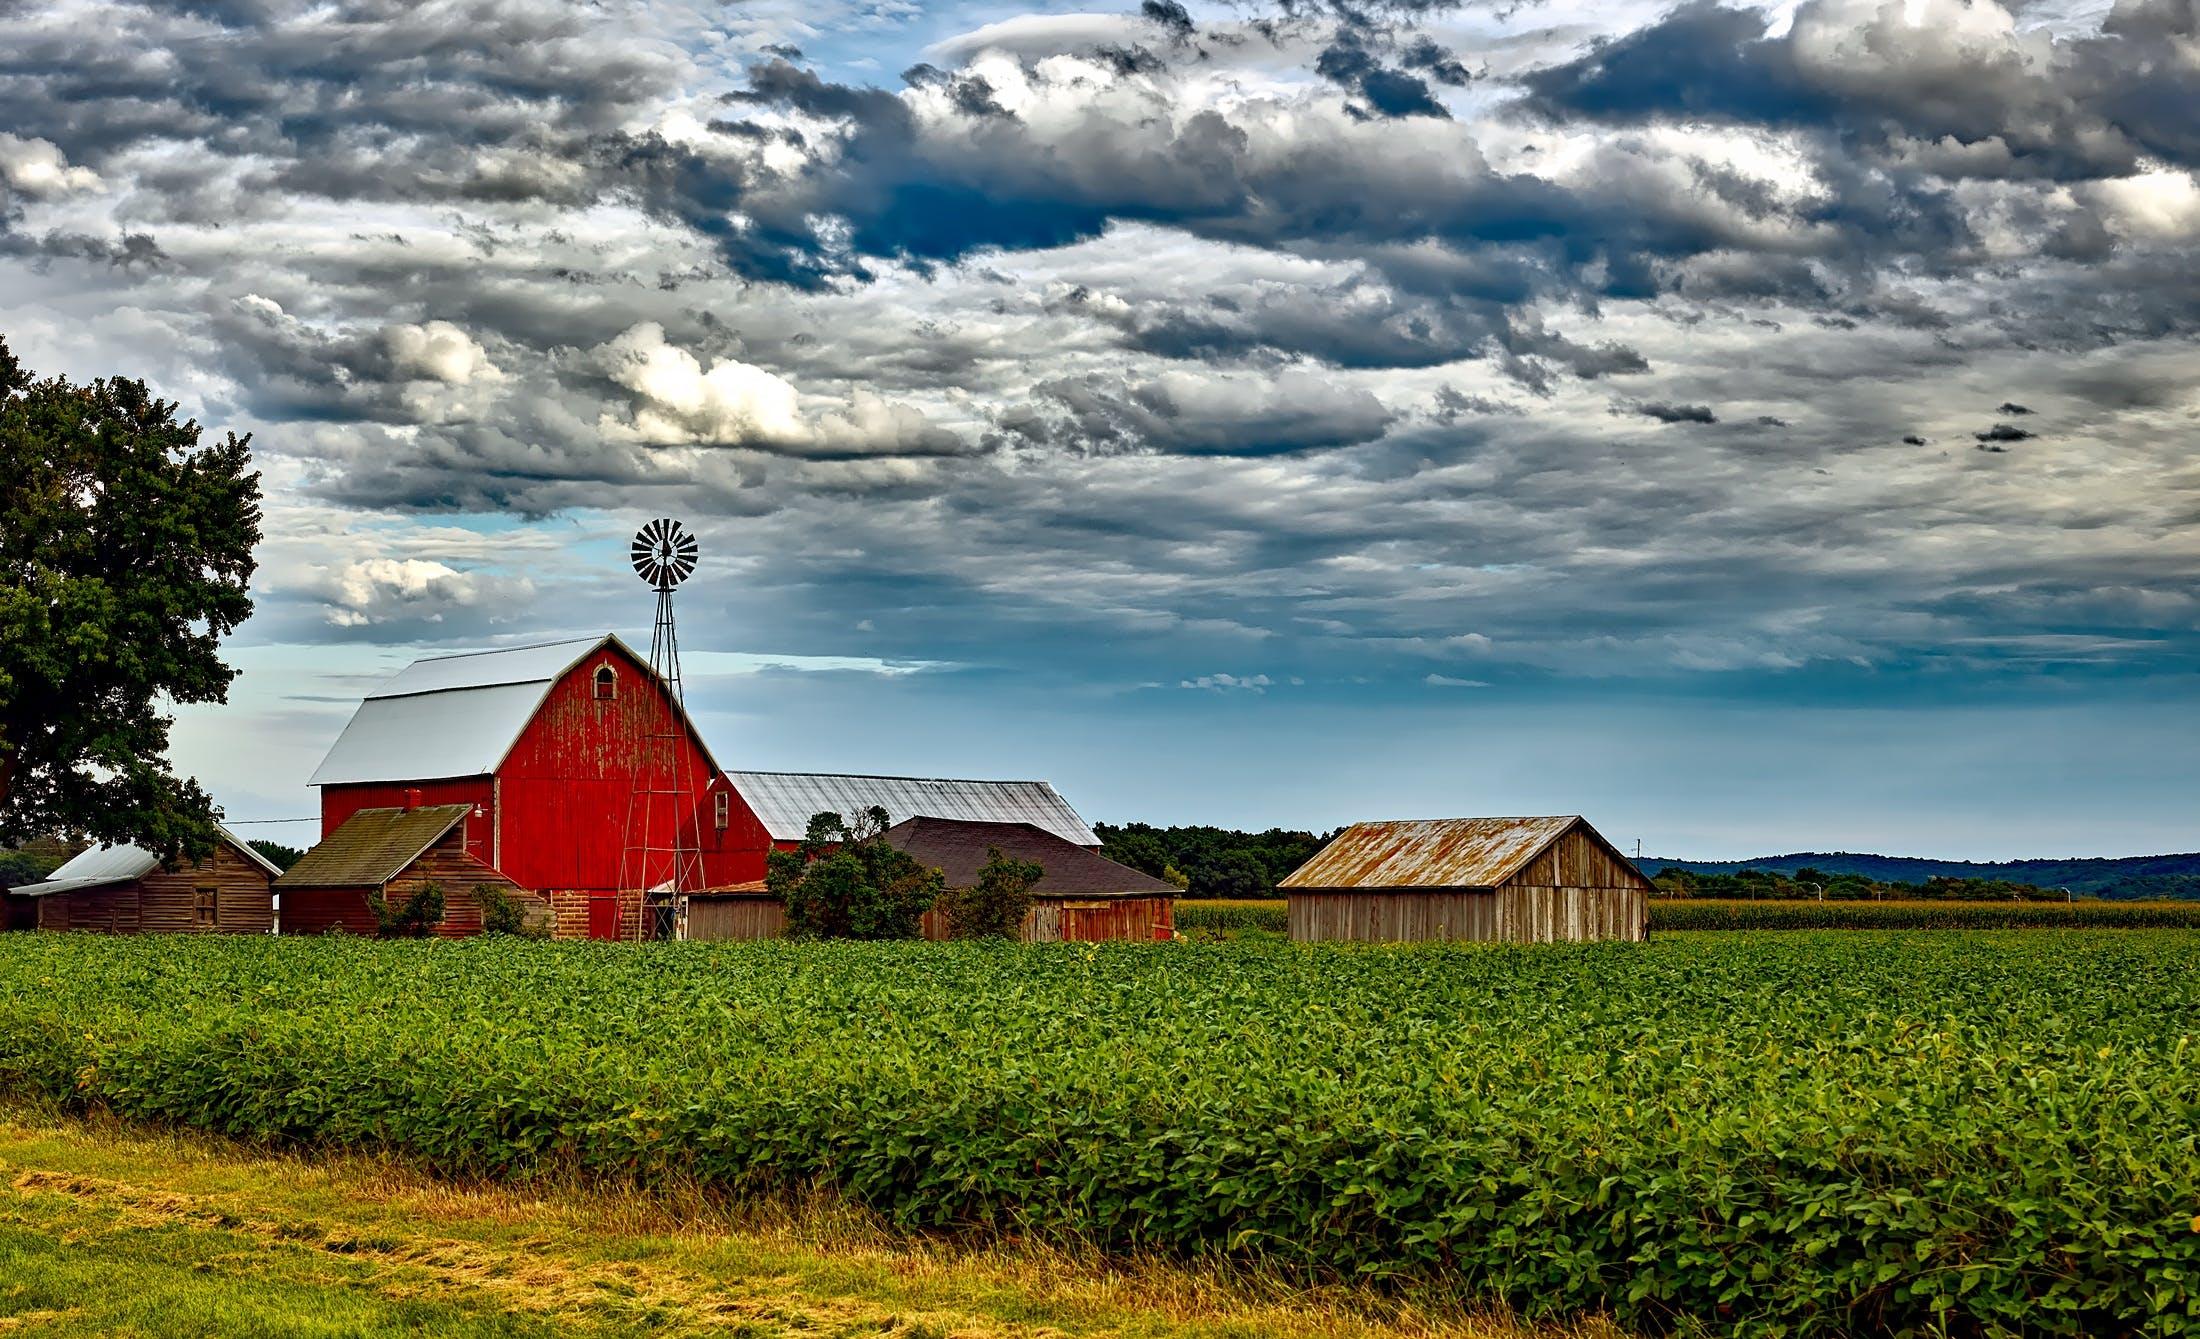 Kostenloses Stock Foto zu landschaft, häuser, wolken, feld